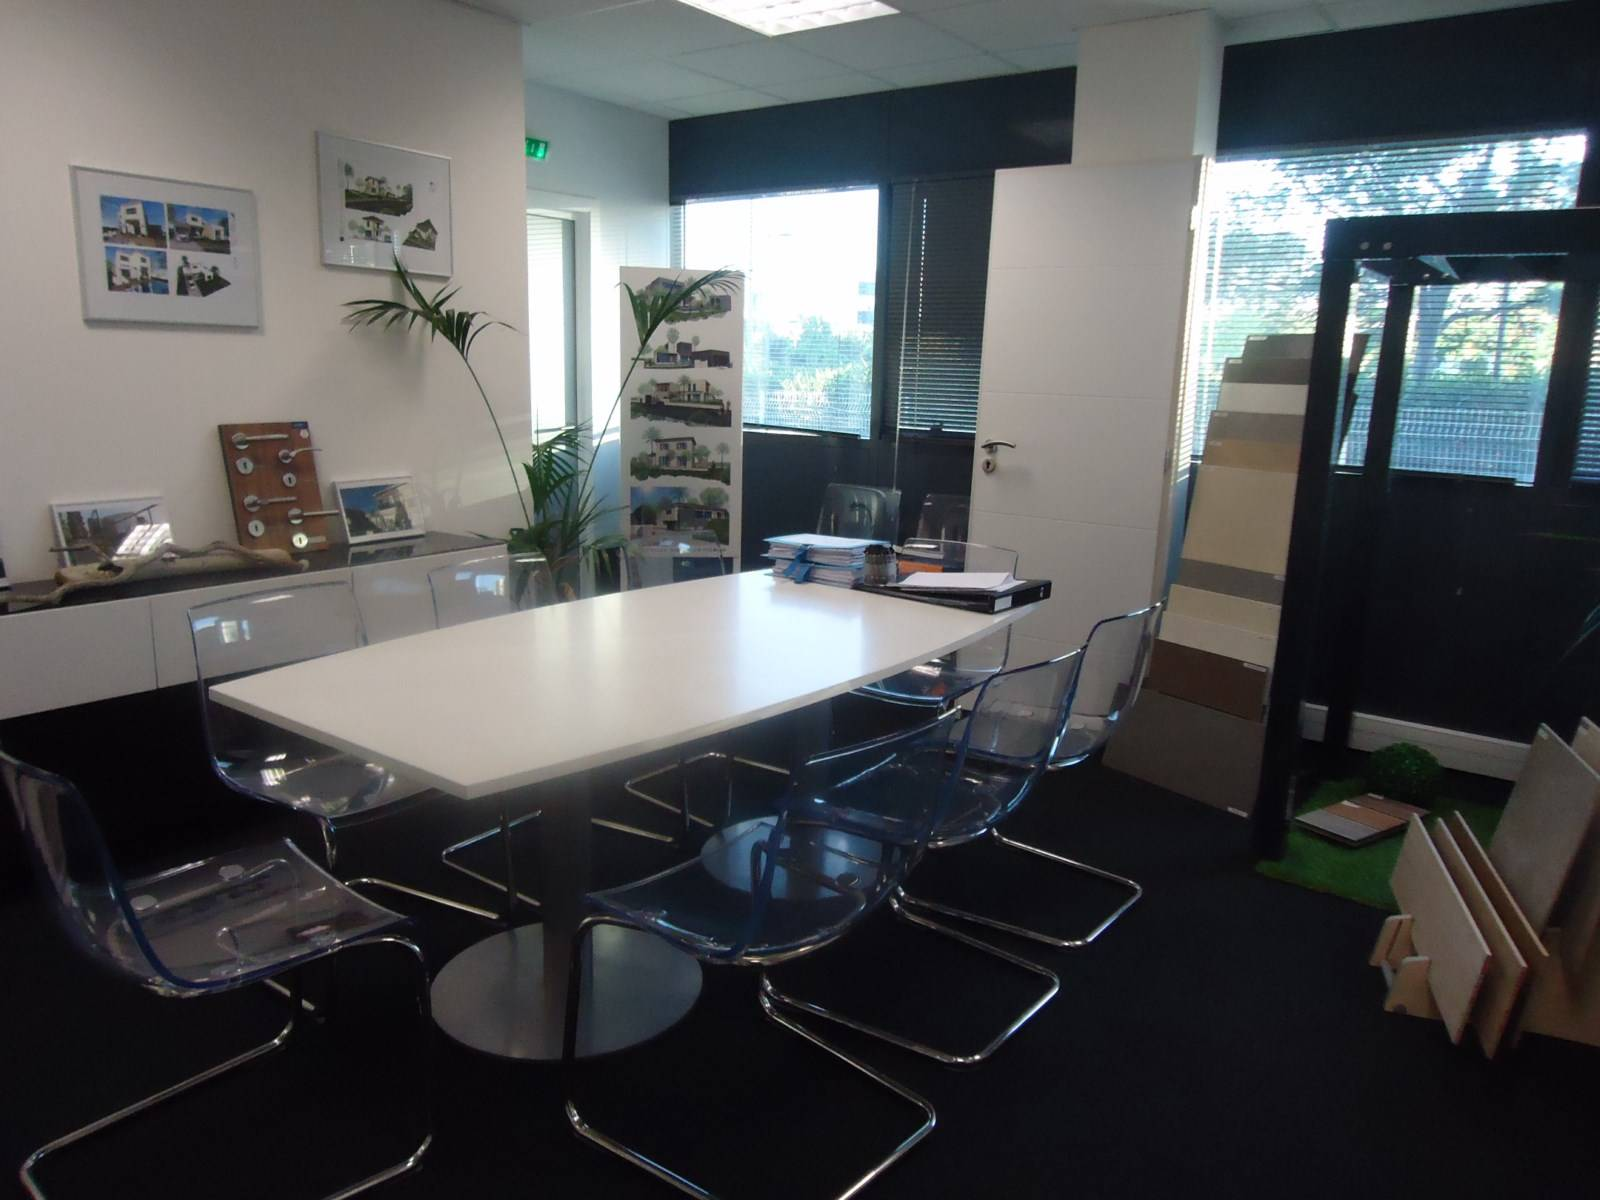 Nettoyage et entretien de votre agence de voyage agence d for Entretien jardin castelnau le lez